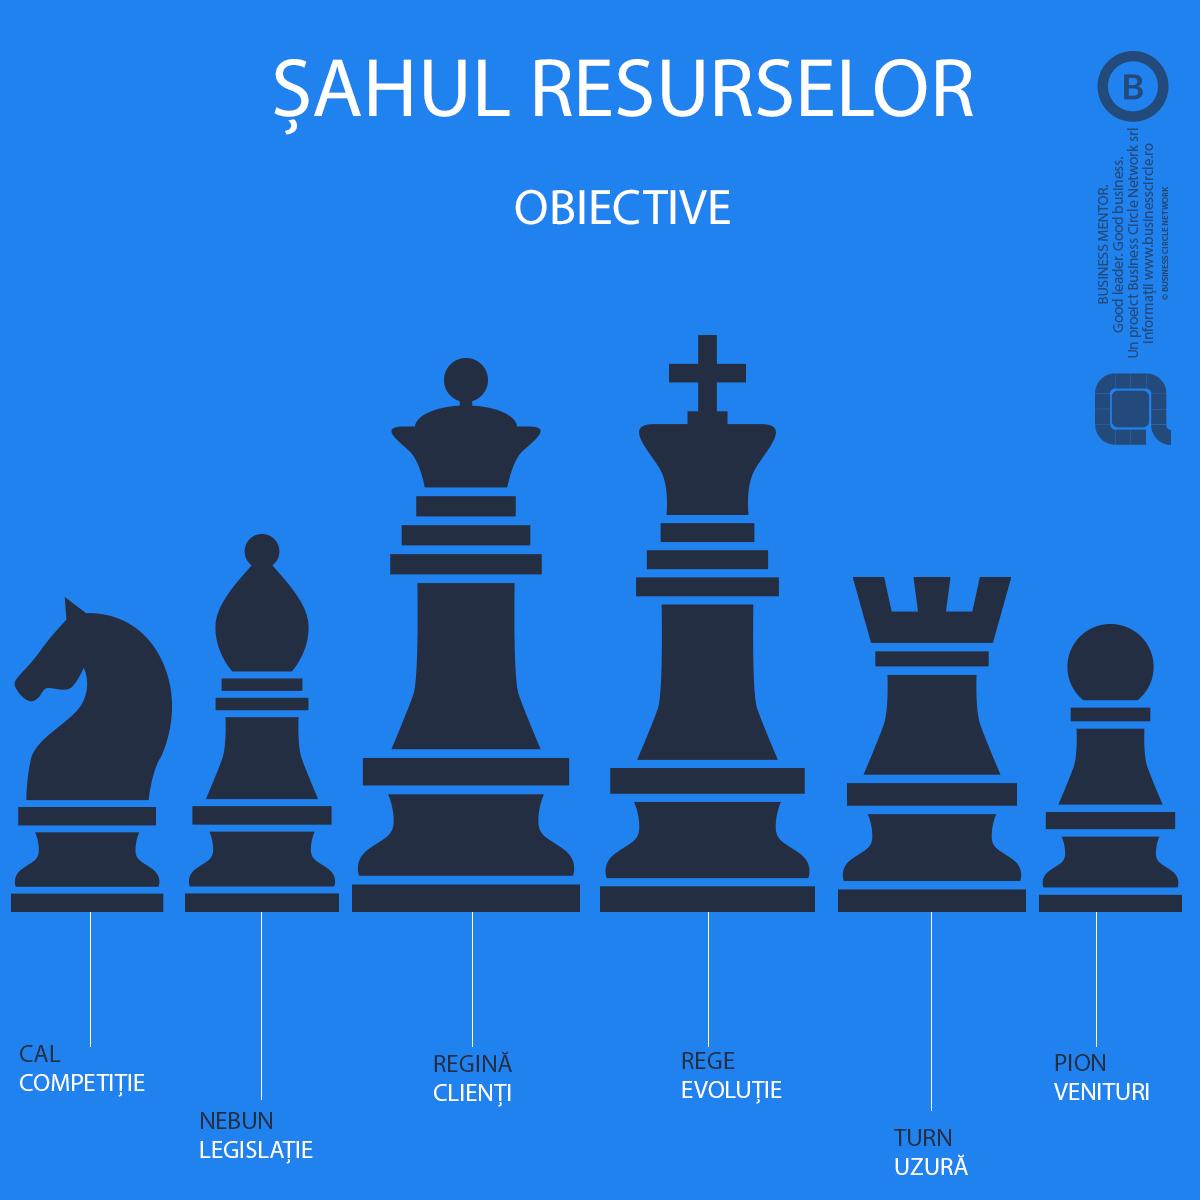 Șahul Resurselor Obiective